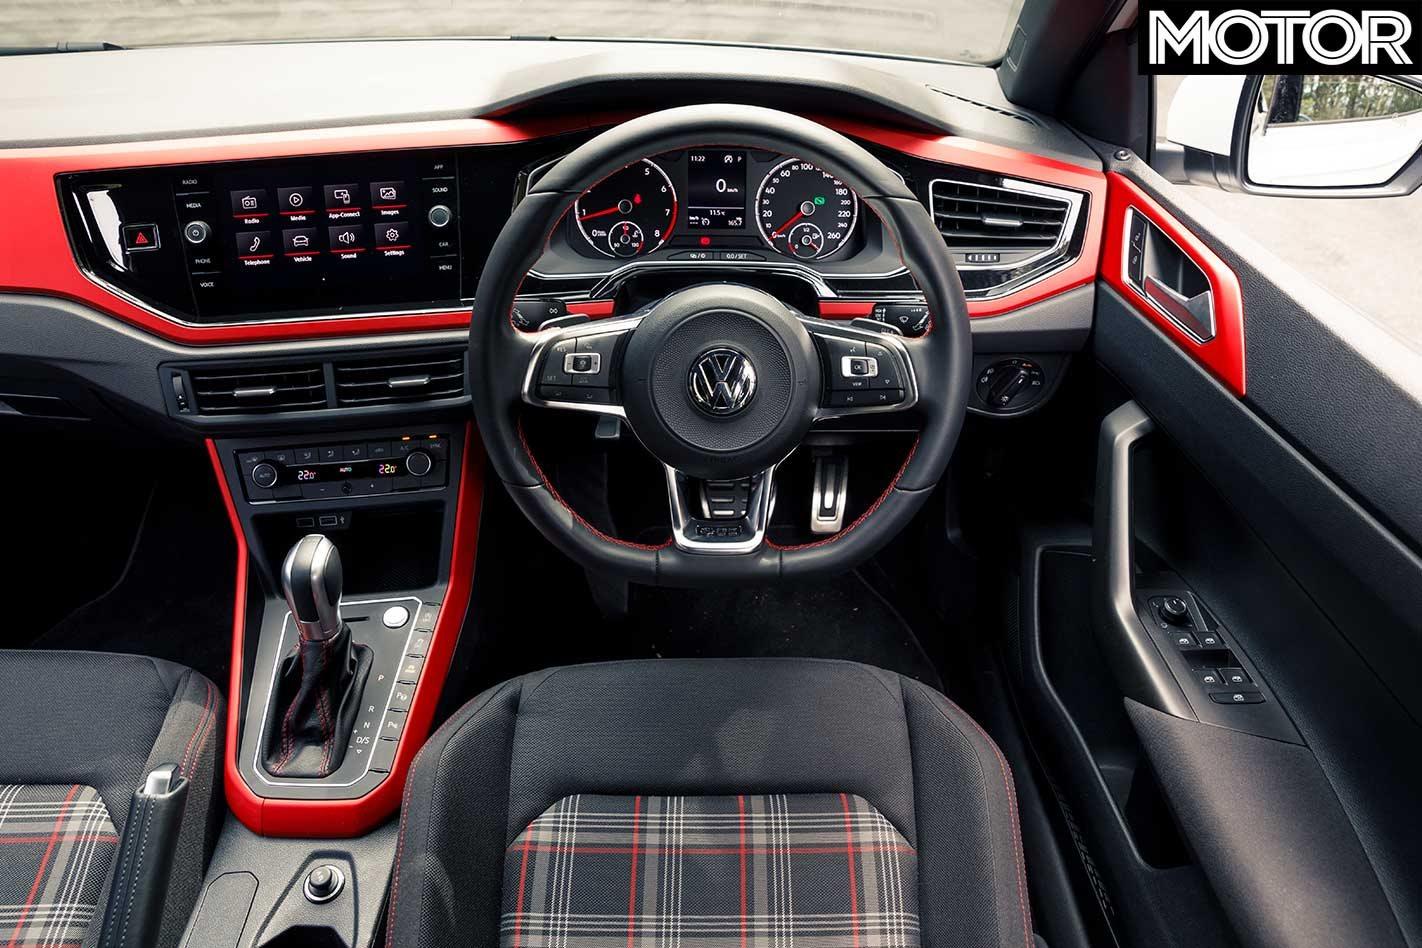 2019 Volkswagen Polo Gti Vs Mazda Mx 5 Vs Subaru Brz Ts Performance Comparison Review